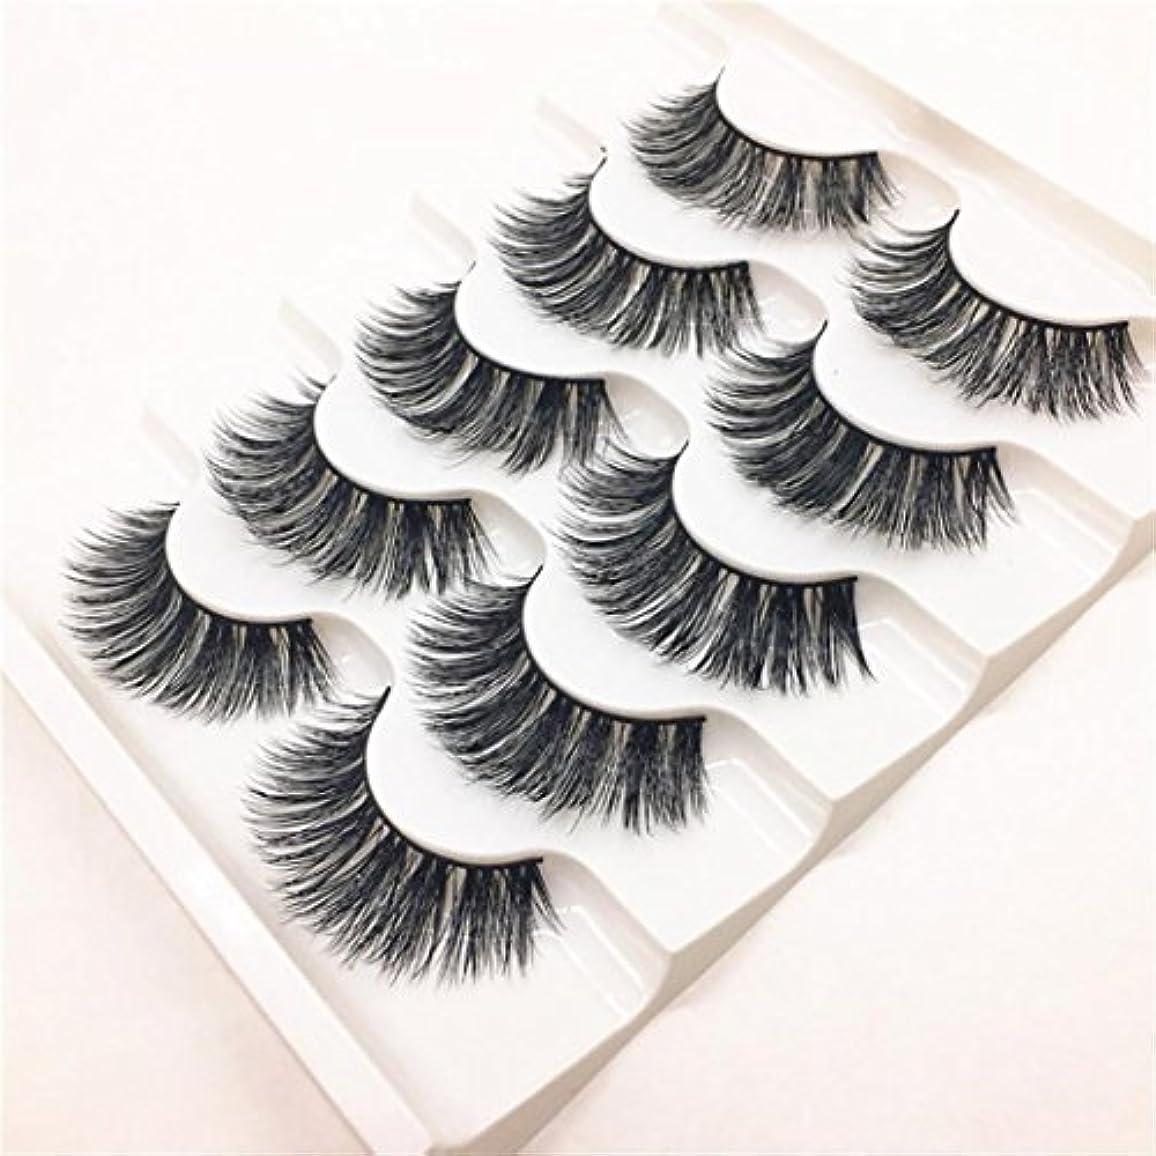 許容できるタンク病気のFeteso 5ペア つけまつげ 上まつげ Eyelashes アイラッシュ ビューティー まつげエクステ レディース 化粧ツール アイメイクアップ 人気 ナチュラル 飾り 柔らかい 装着簡単 綺麗 濃密 再利用可能